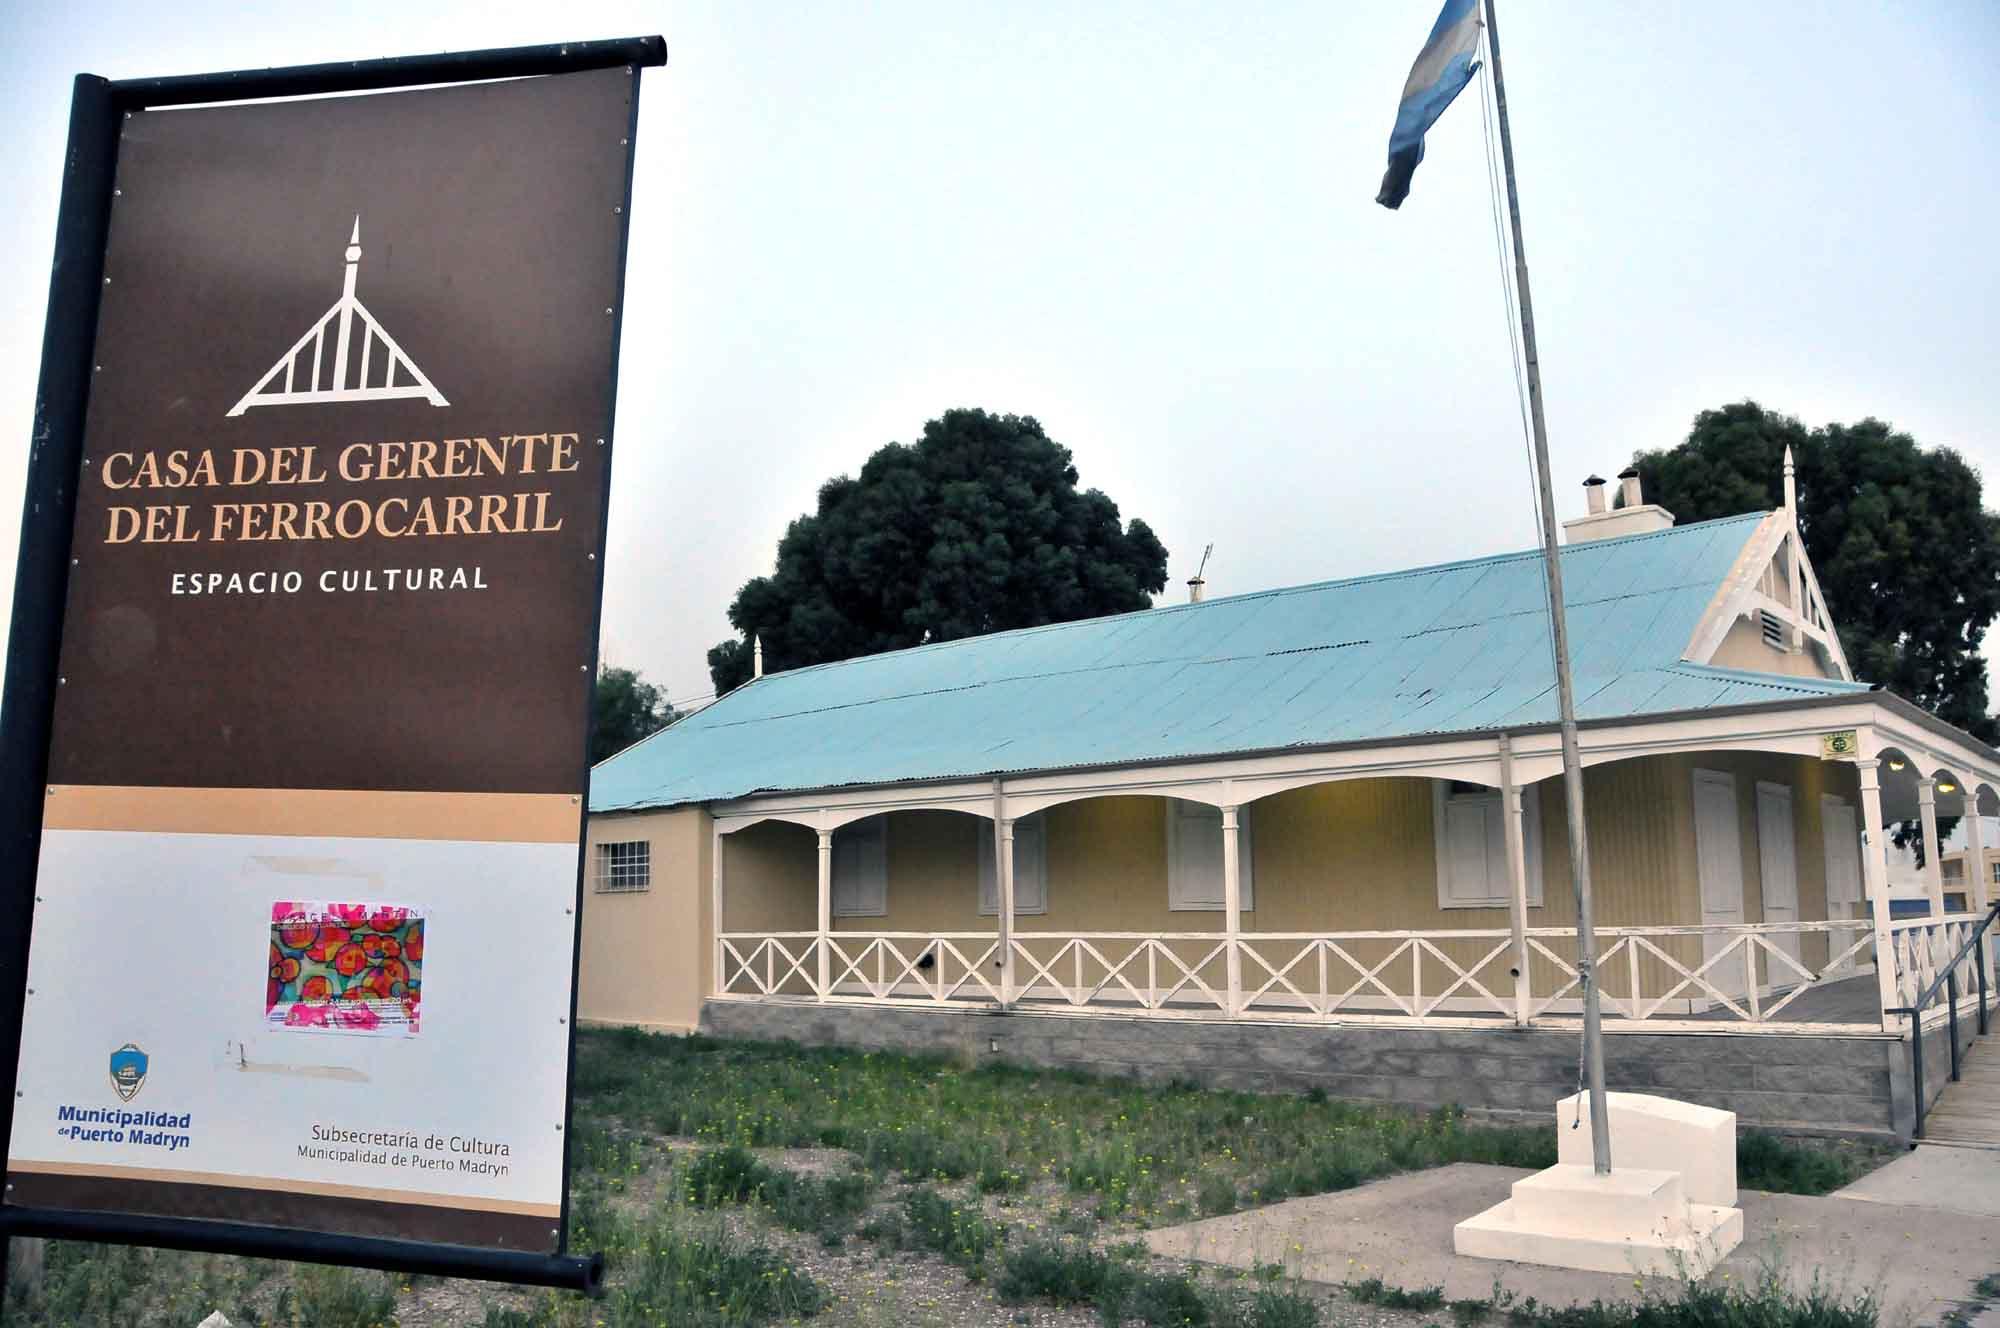 casa del gerente del ferrocarril (Domec Garcia 98 y Mosconi )